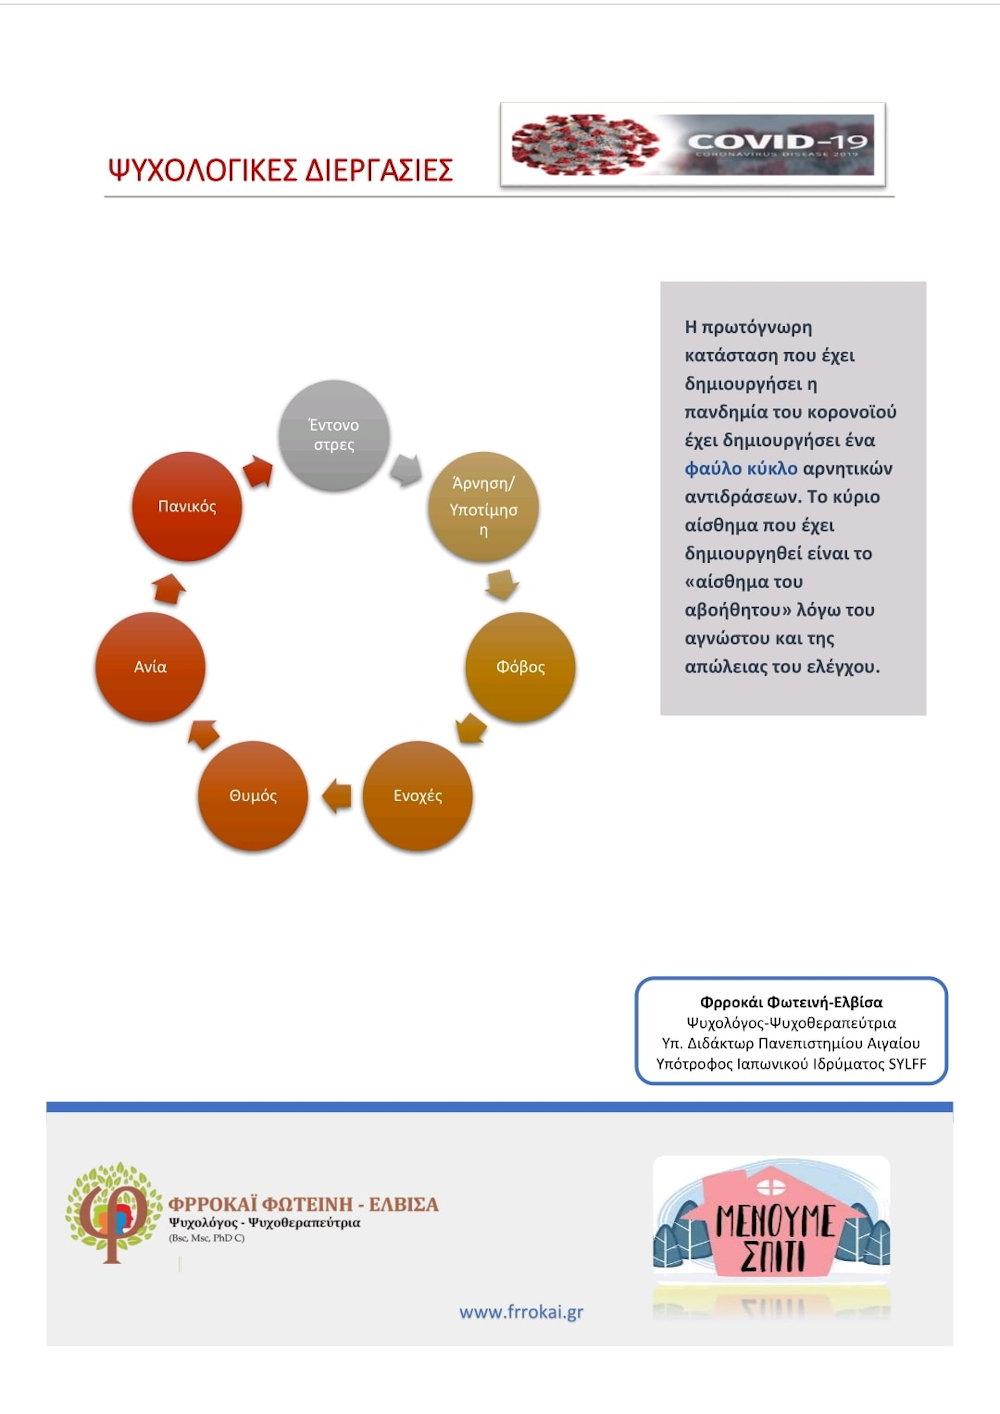 Κορωνοϊός-Ψυχολογικές διεργασίες και τρόποι αντιμετώπισης 1